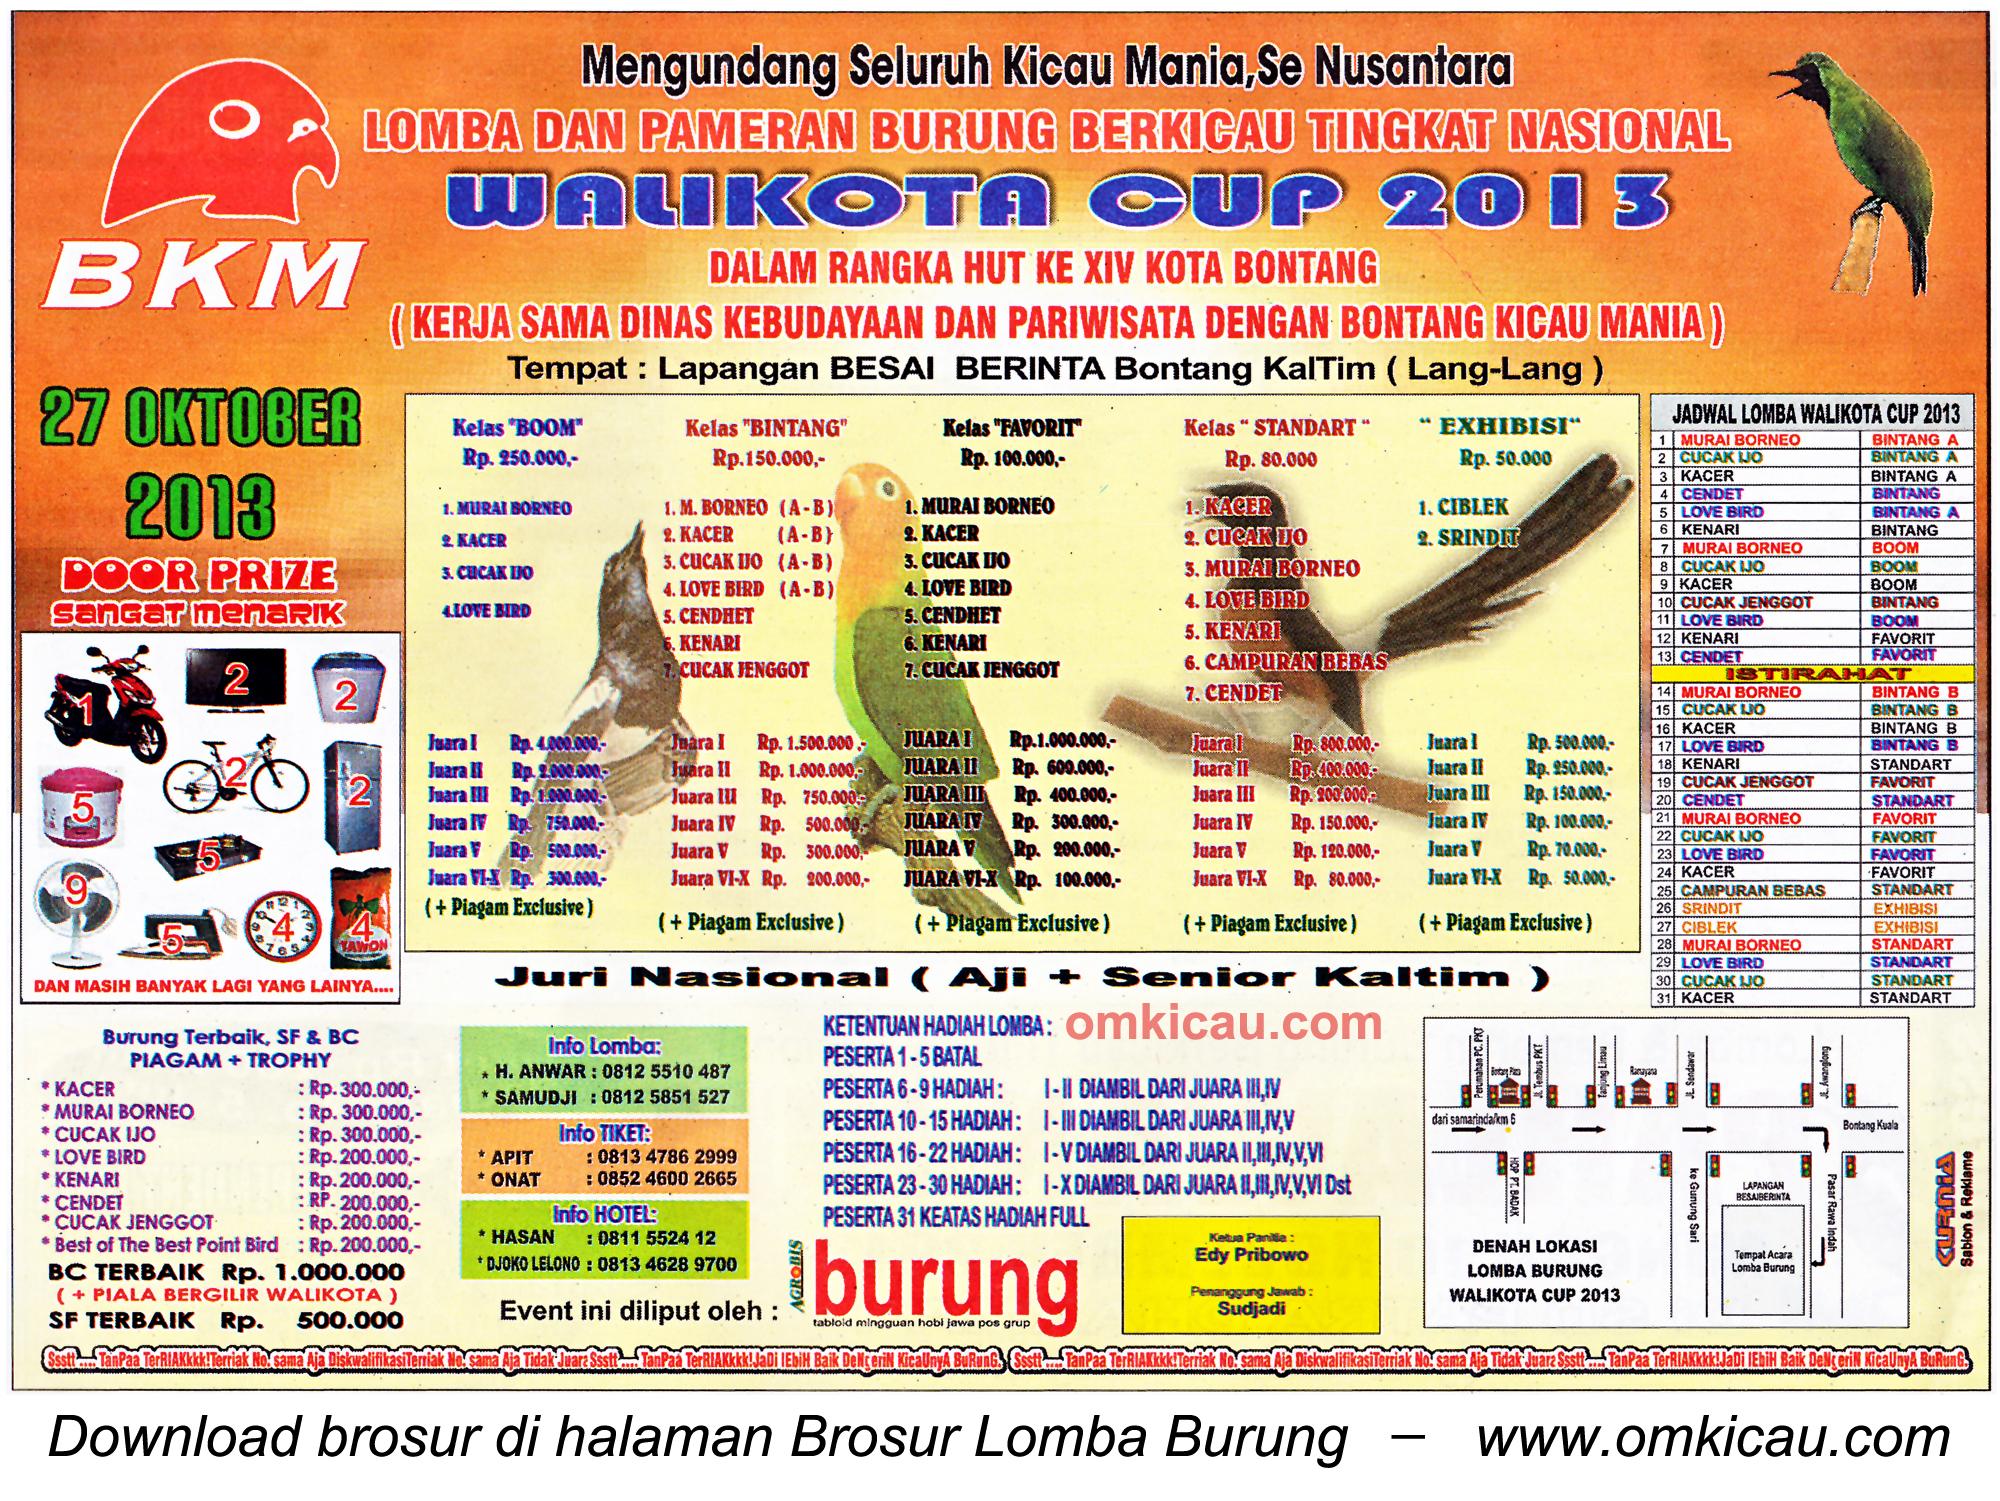 Brosur Lomba Burung Berkicau Wali Kota Cup, Bontang, 27 Oktober 2013